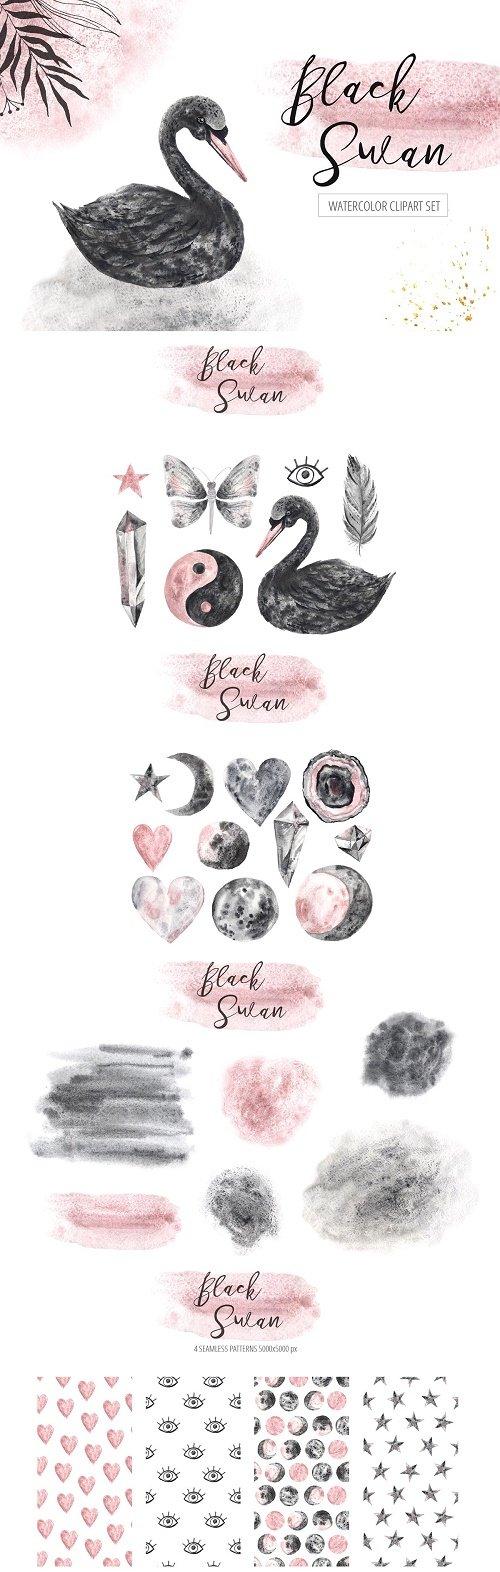 Watercolor Black Swan Set - 3075615